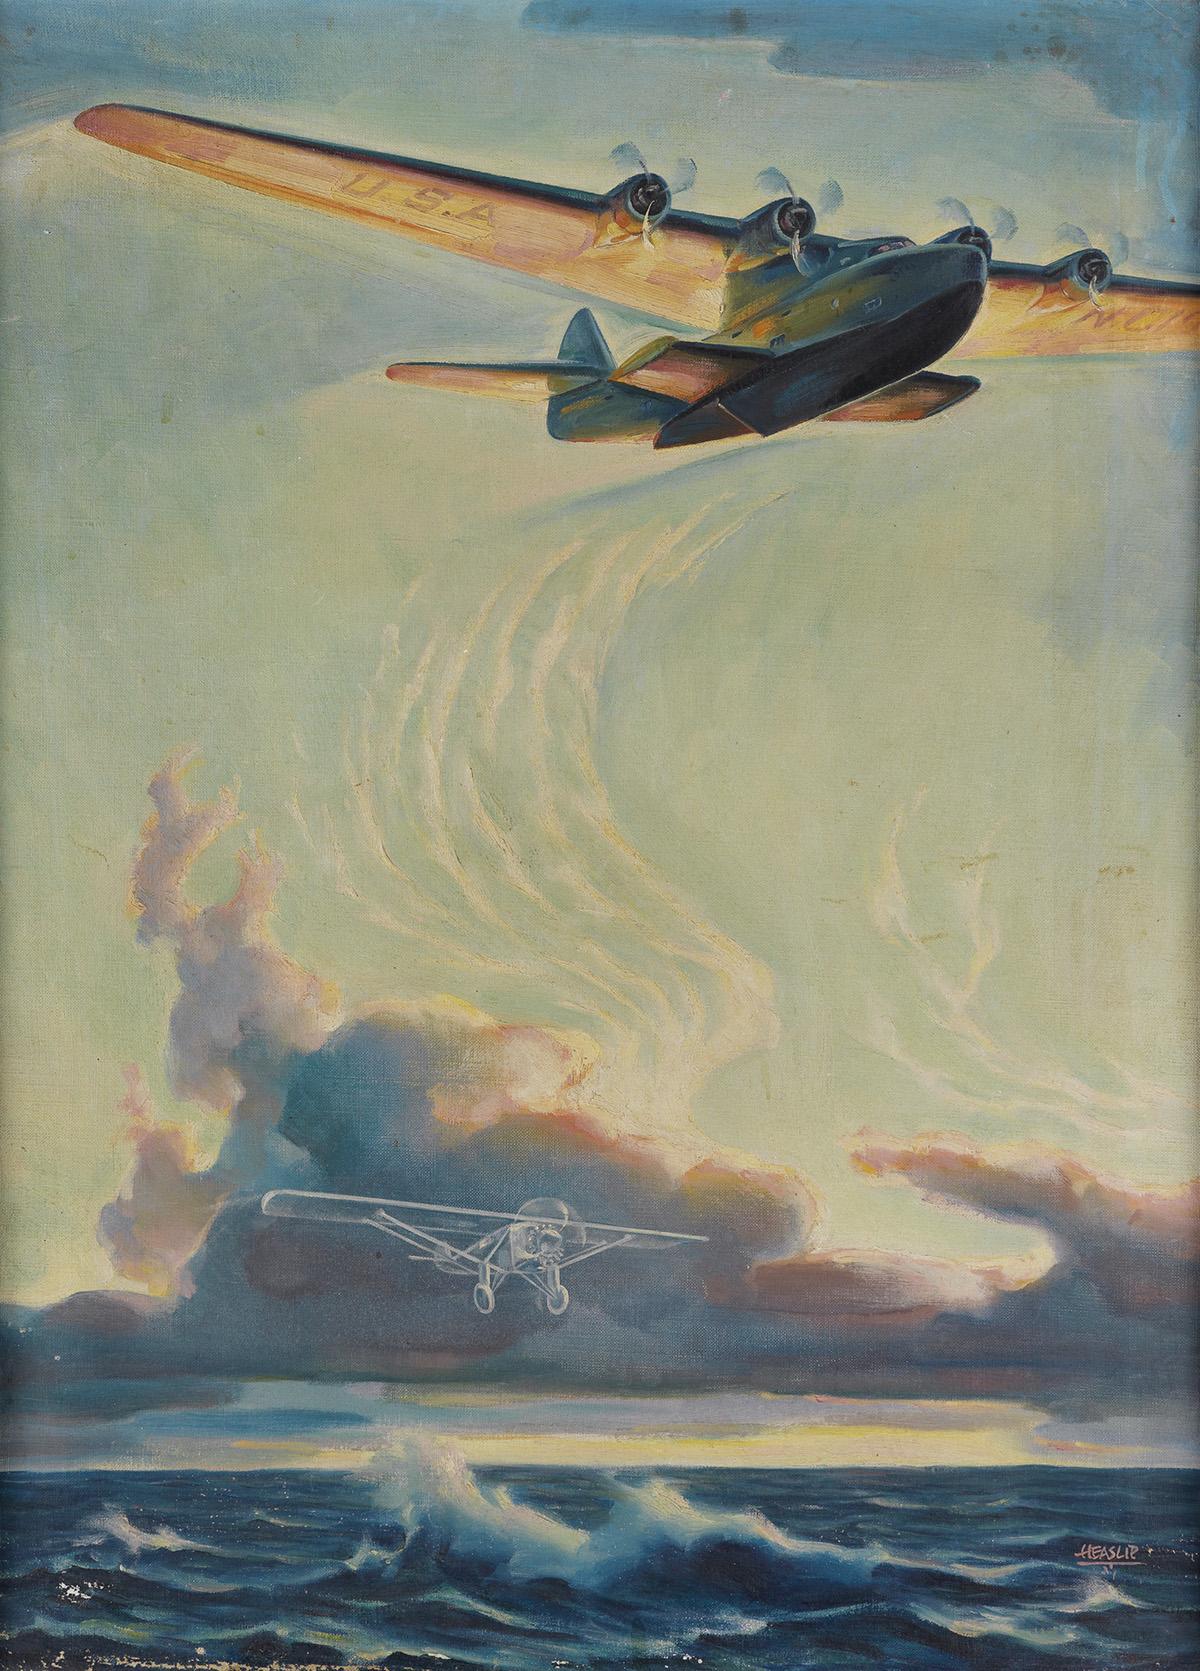 WILLIAM-HEASLIP-(AVIATION)-Airplane